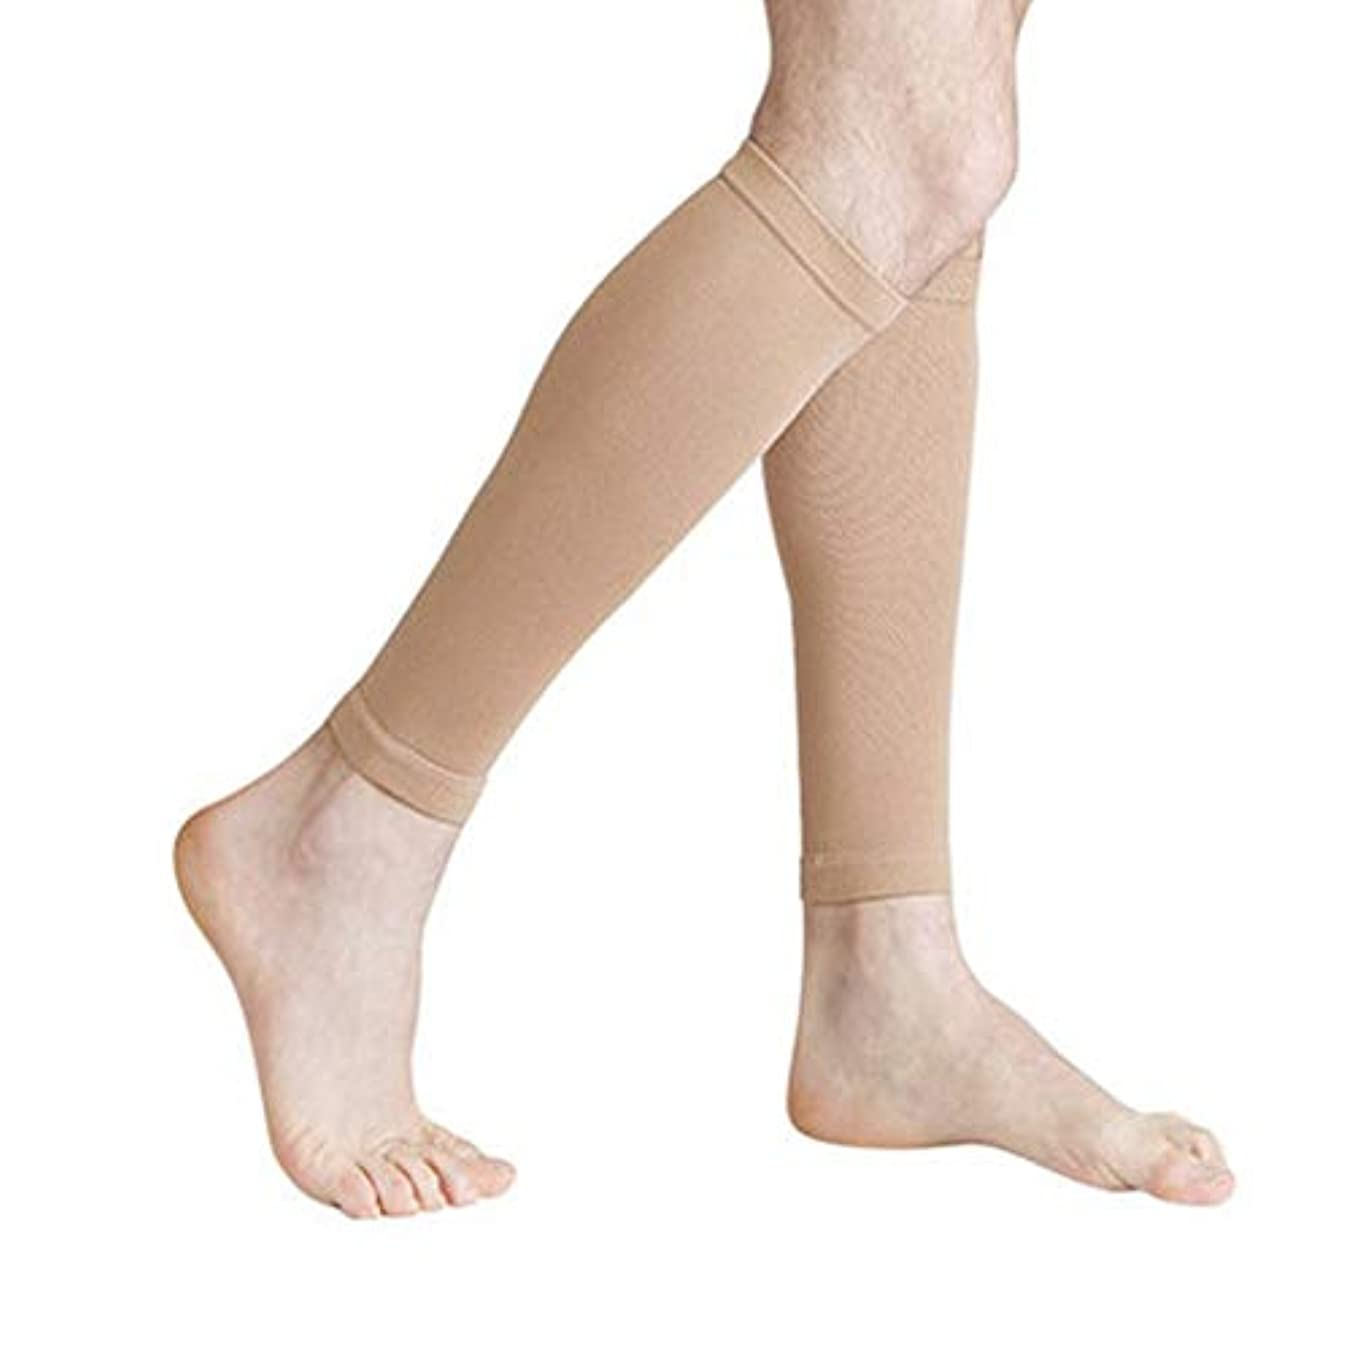 かろうじて密接に未亡人丈夫な男性女性プロの圧縮靴下通気性のある旅行活動看護師用シントスプリントフライトトラベル - 肌色